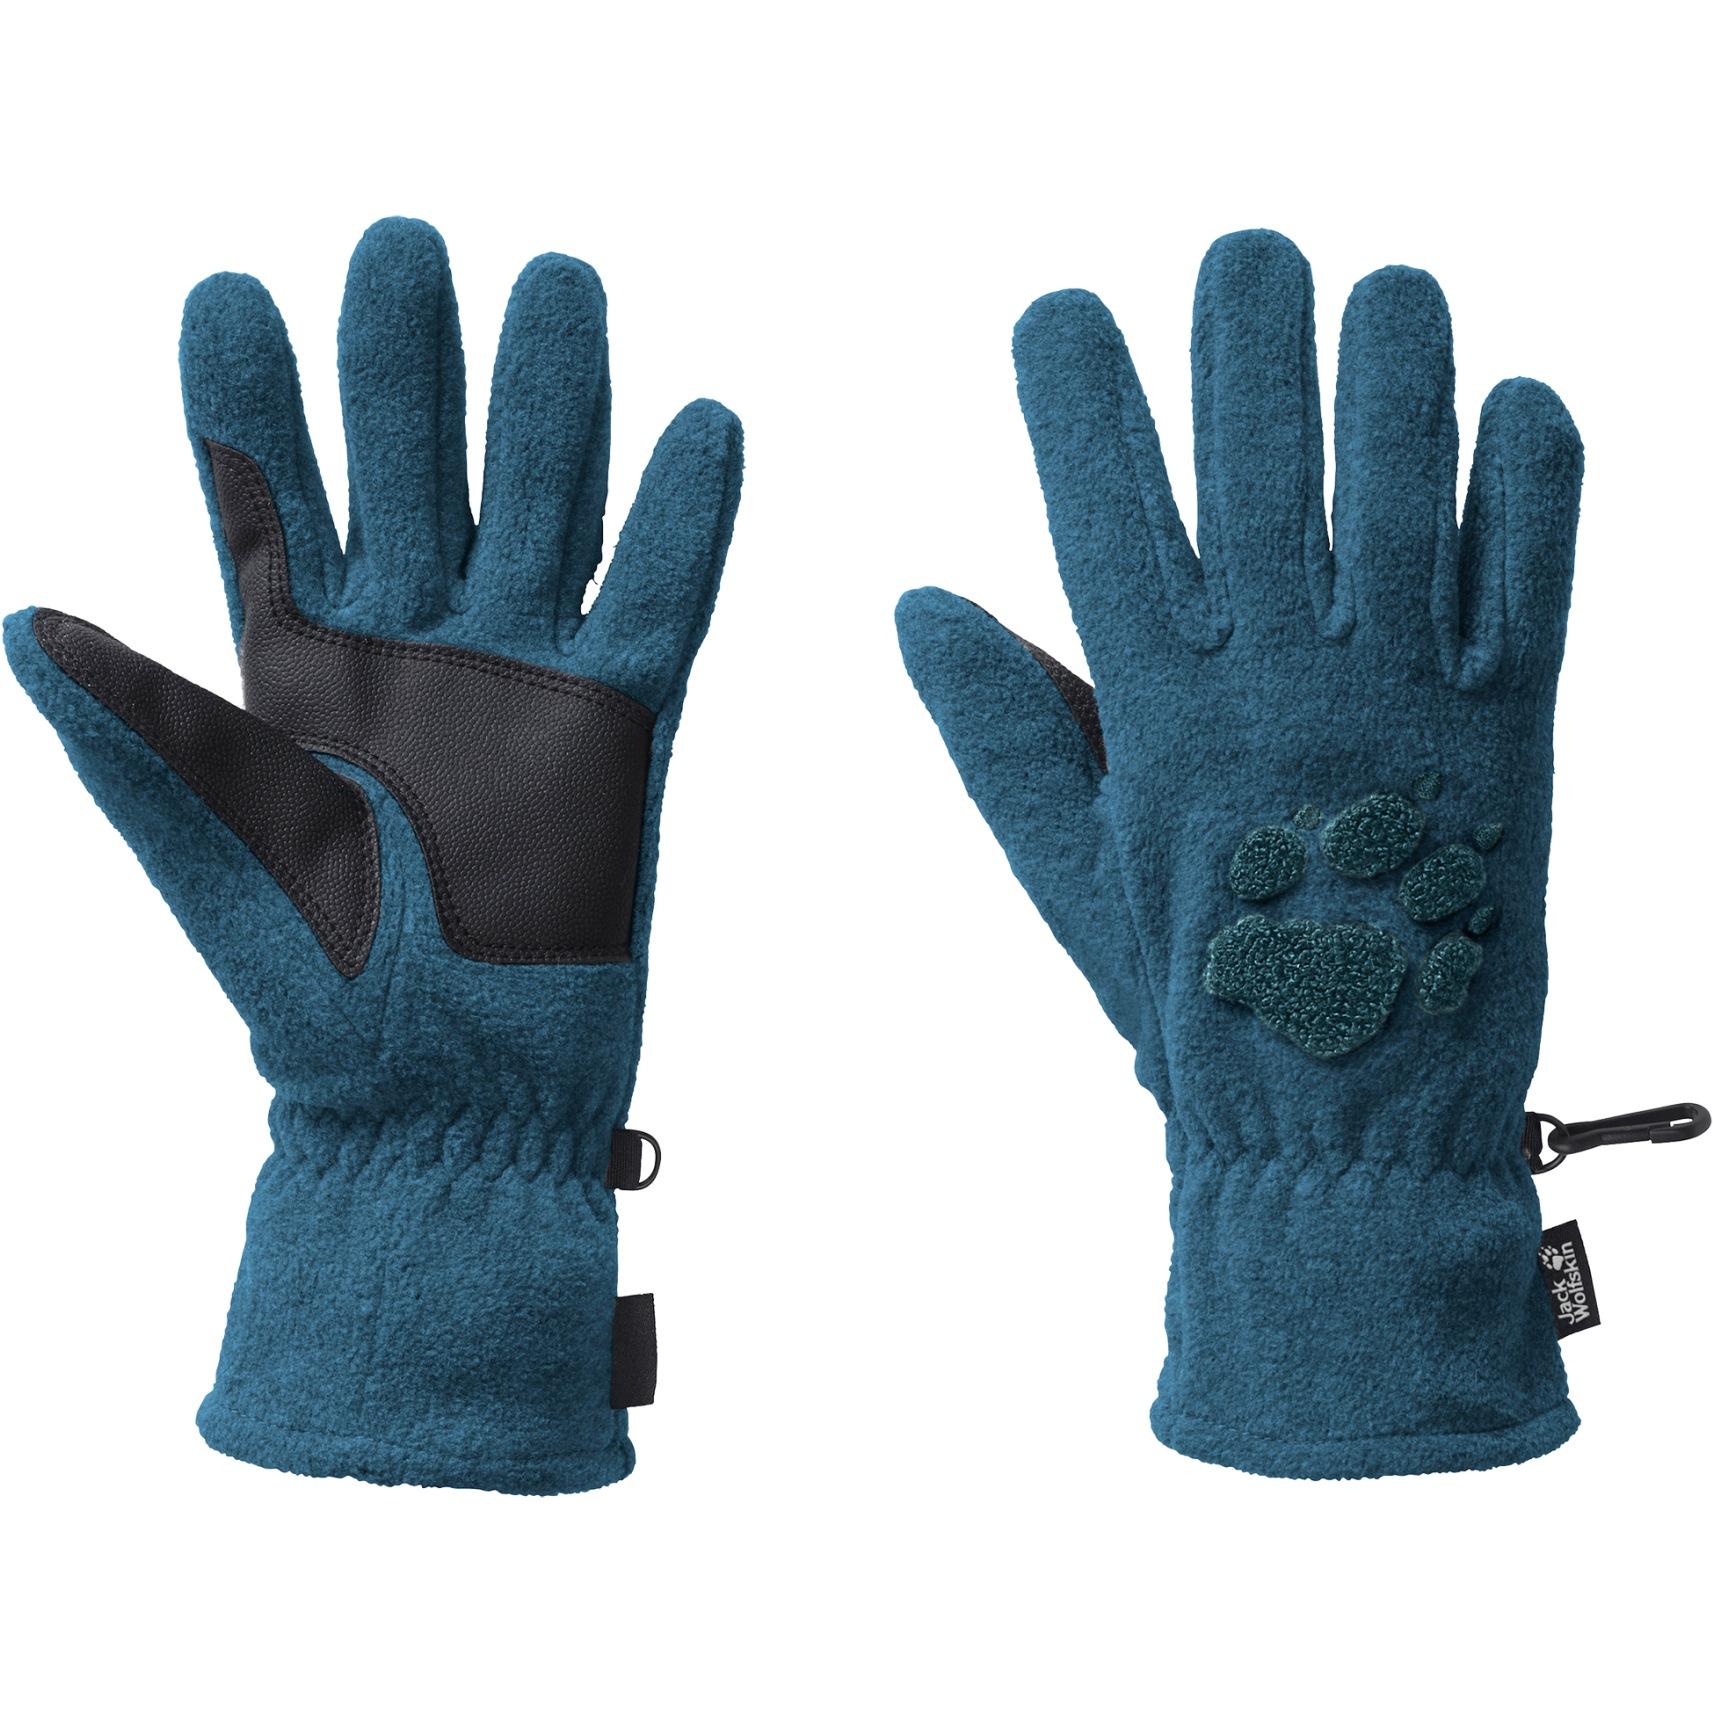 Jack Wolfskin Paw Handschuhe - dark cobalt